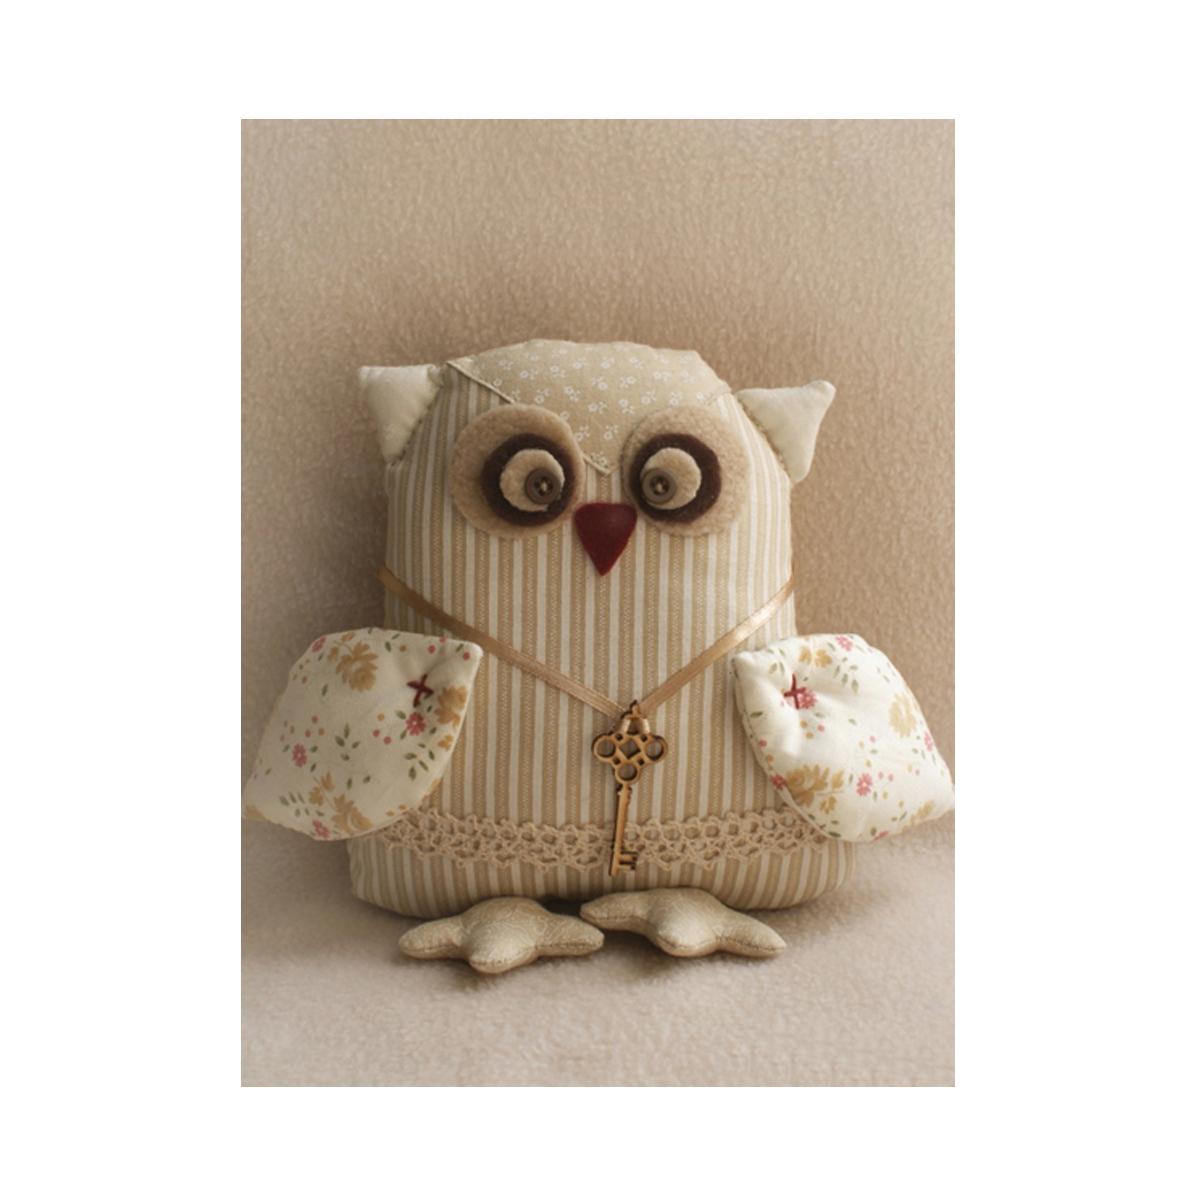 Набор для изготовления игрушки Ваниль OwlS Story, 21 см. OW002692631Набор для изготовления игрушки Ваниль OwlS Story. Процесс создания такой игрушки увлечет любою рукодельницу, как опытную, так и начинающую и позволит создать настоящий шедевр. Игрушки, сделанные своими руками, - это не просто предметы декора или подарок. Такие изделия хранят тепло рук мастера и частичку его души. В состав набора входят: - 100% хлопок, - фетр, - флис, - кружево, - пуговицы, - нитки, - атласная лента, - декоративный элемент ключ, - деревянная палочка, - выкройка, - инструкция. Высота готовой игрушки: 21 см.